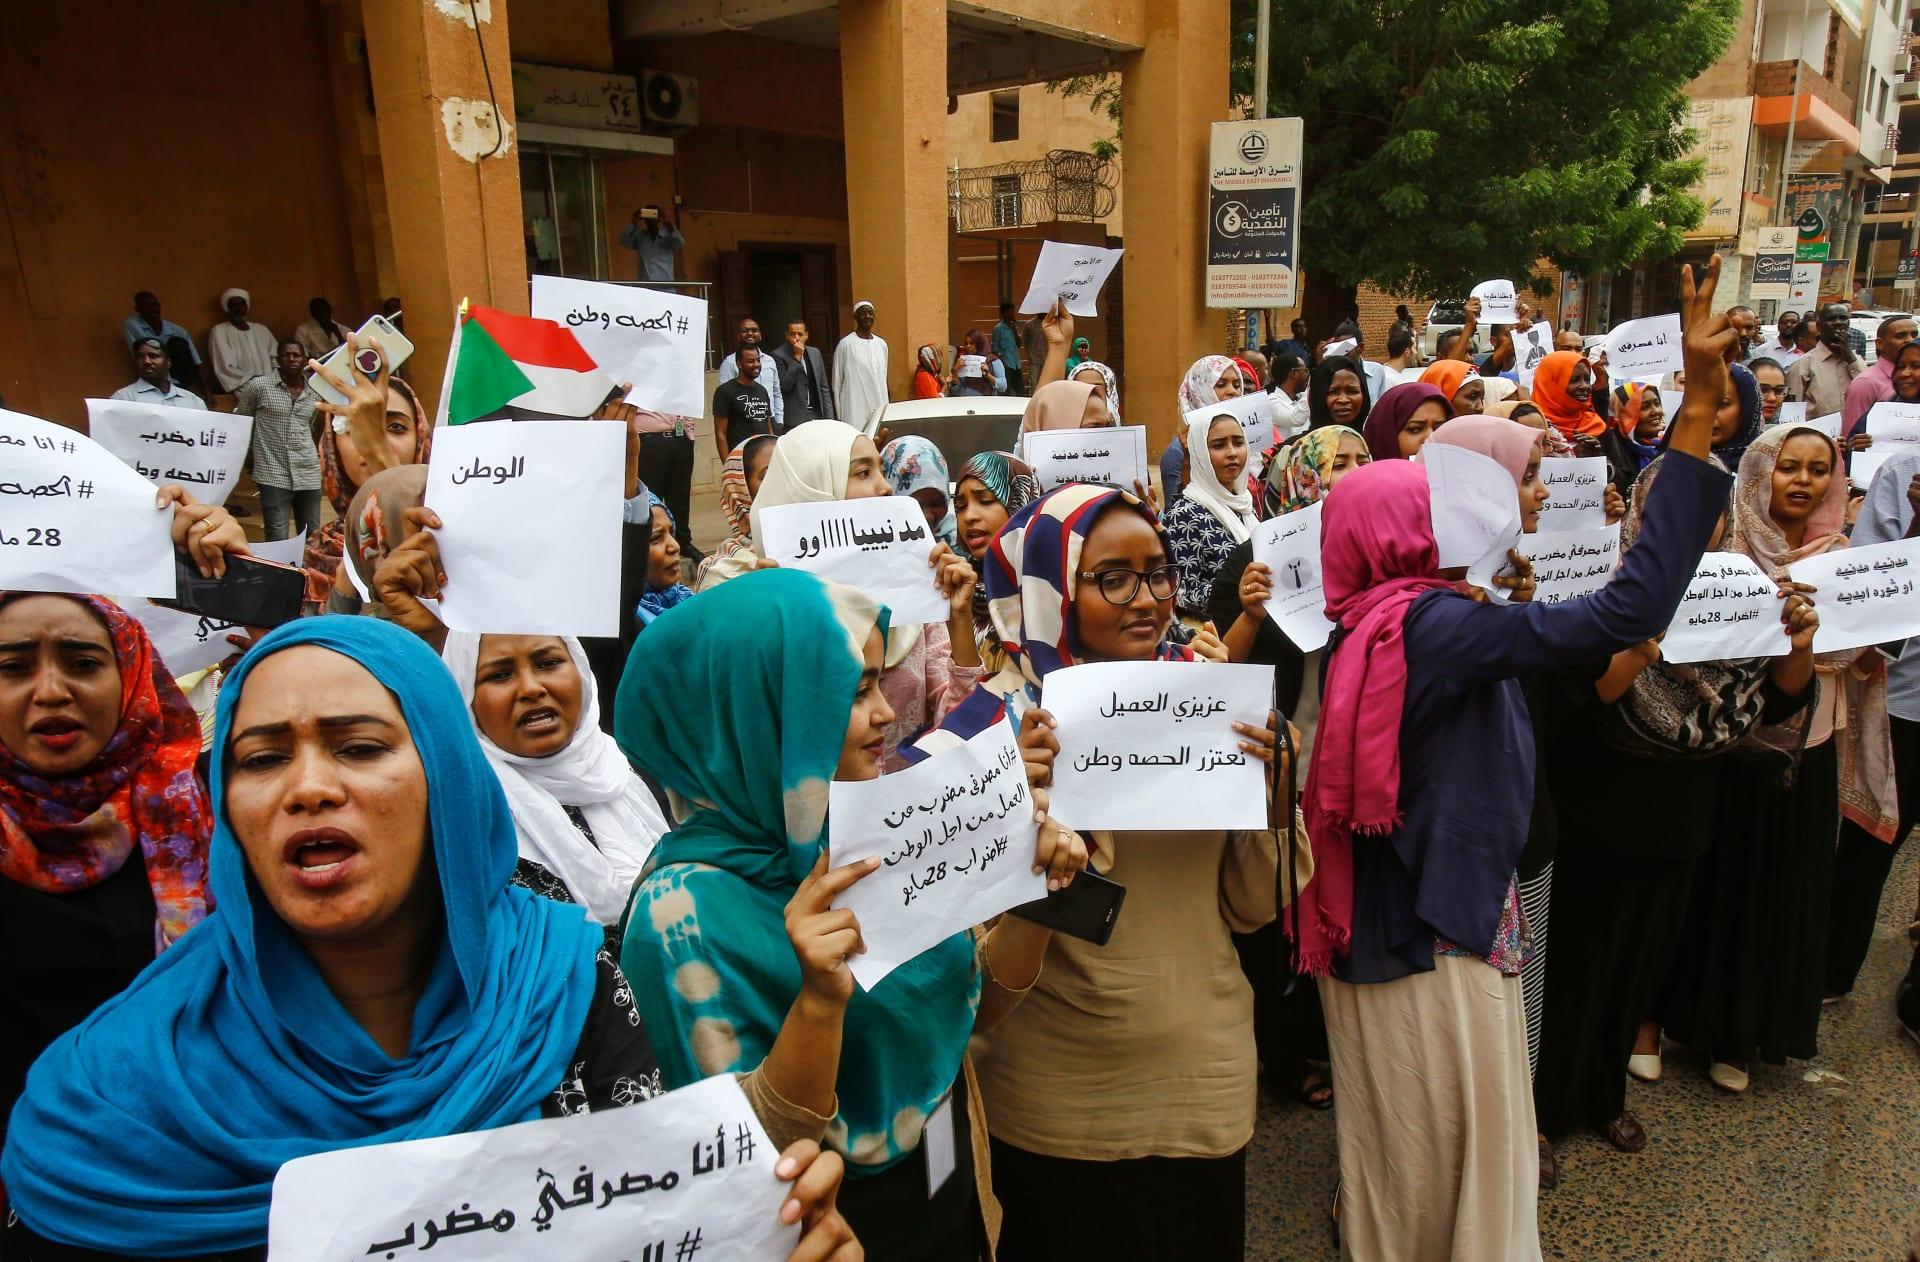 """قوى """"الحرية والتغيير"""" في السودان تبدأ الإضراب العام بعد تعثر المفاوضات مع المجلس العسكري"""